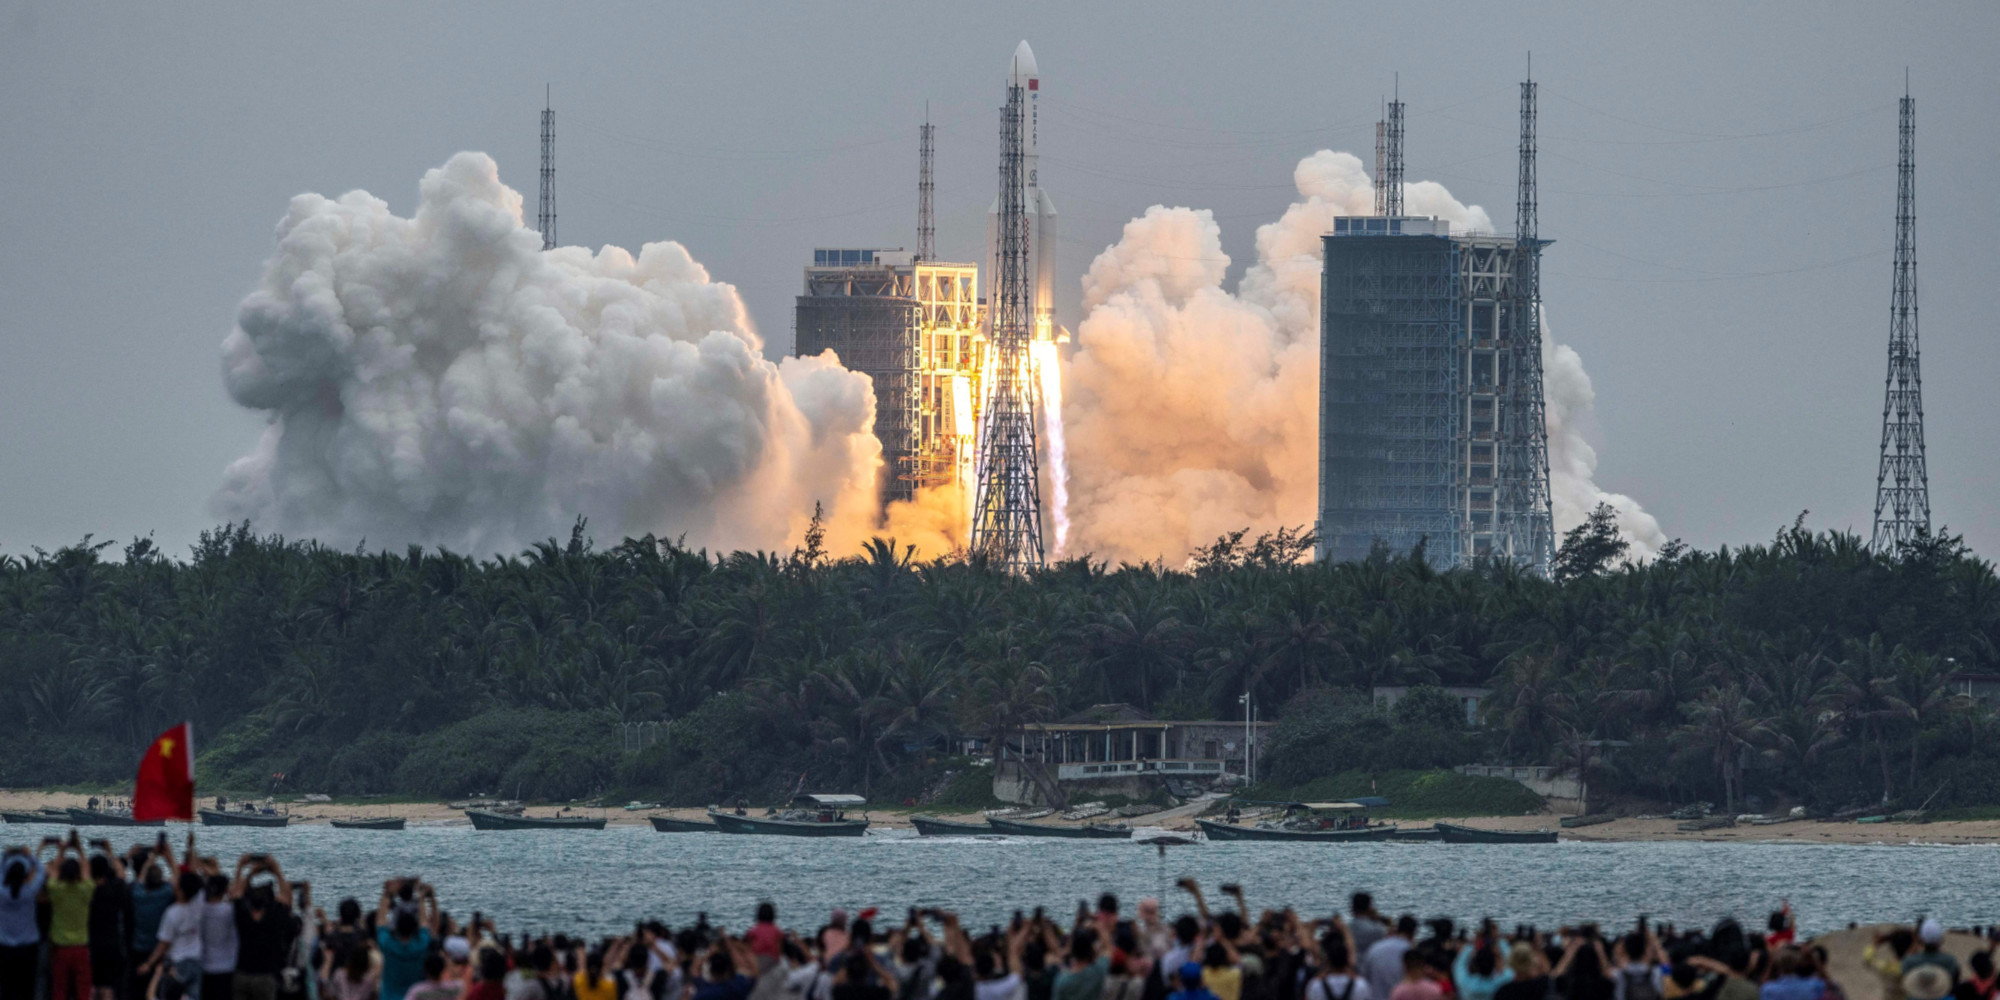 Une fusée chinoise s'apprête à faire un retour incontrôlé sur Terre